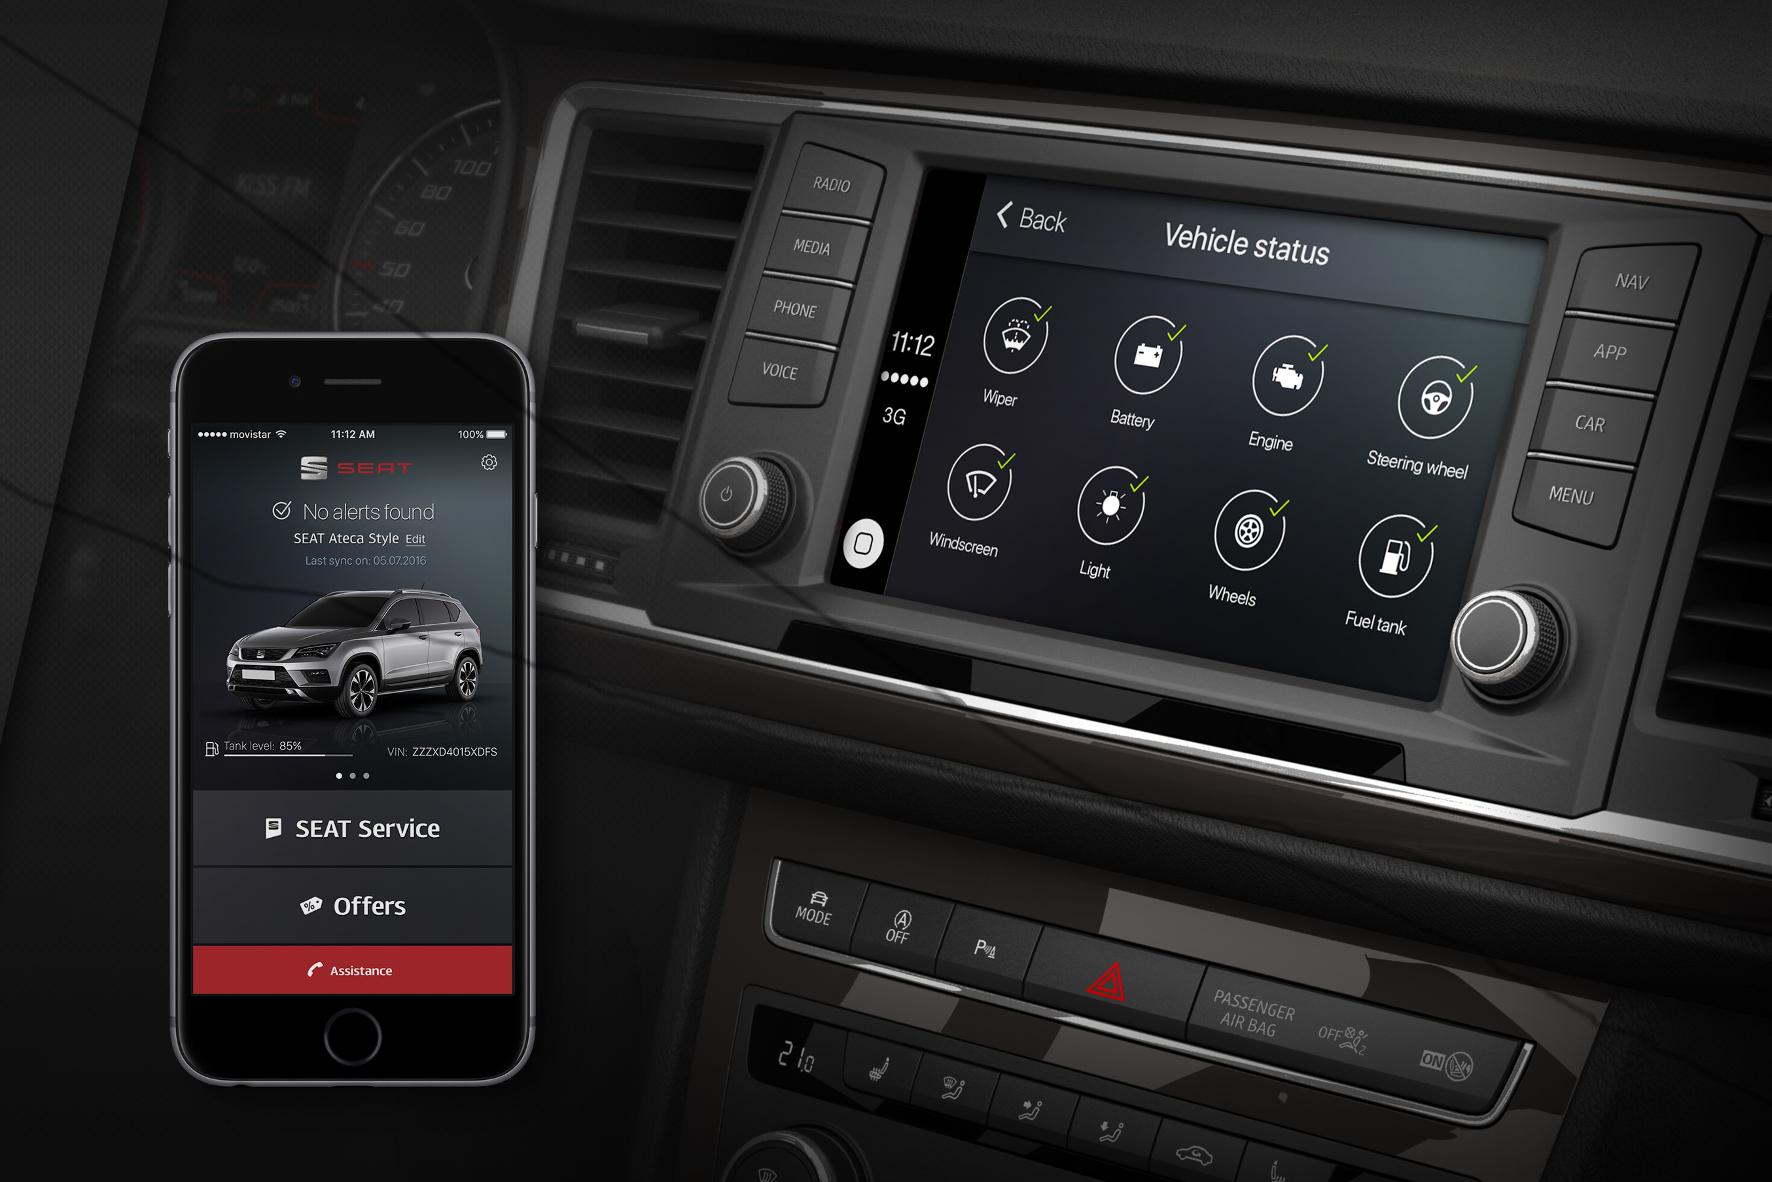 mid Groß-Gerau - Fertig zum Laden: Die für iOS entwickelte DriveApp von Autobauer Seat steht ab sofort im App Store zum Download bereit.